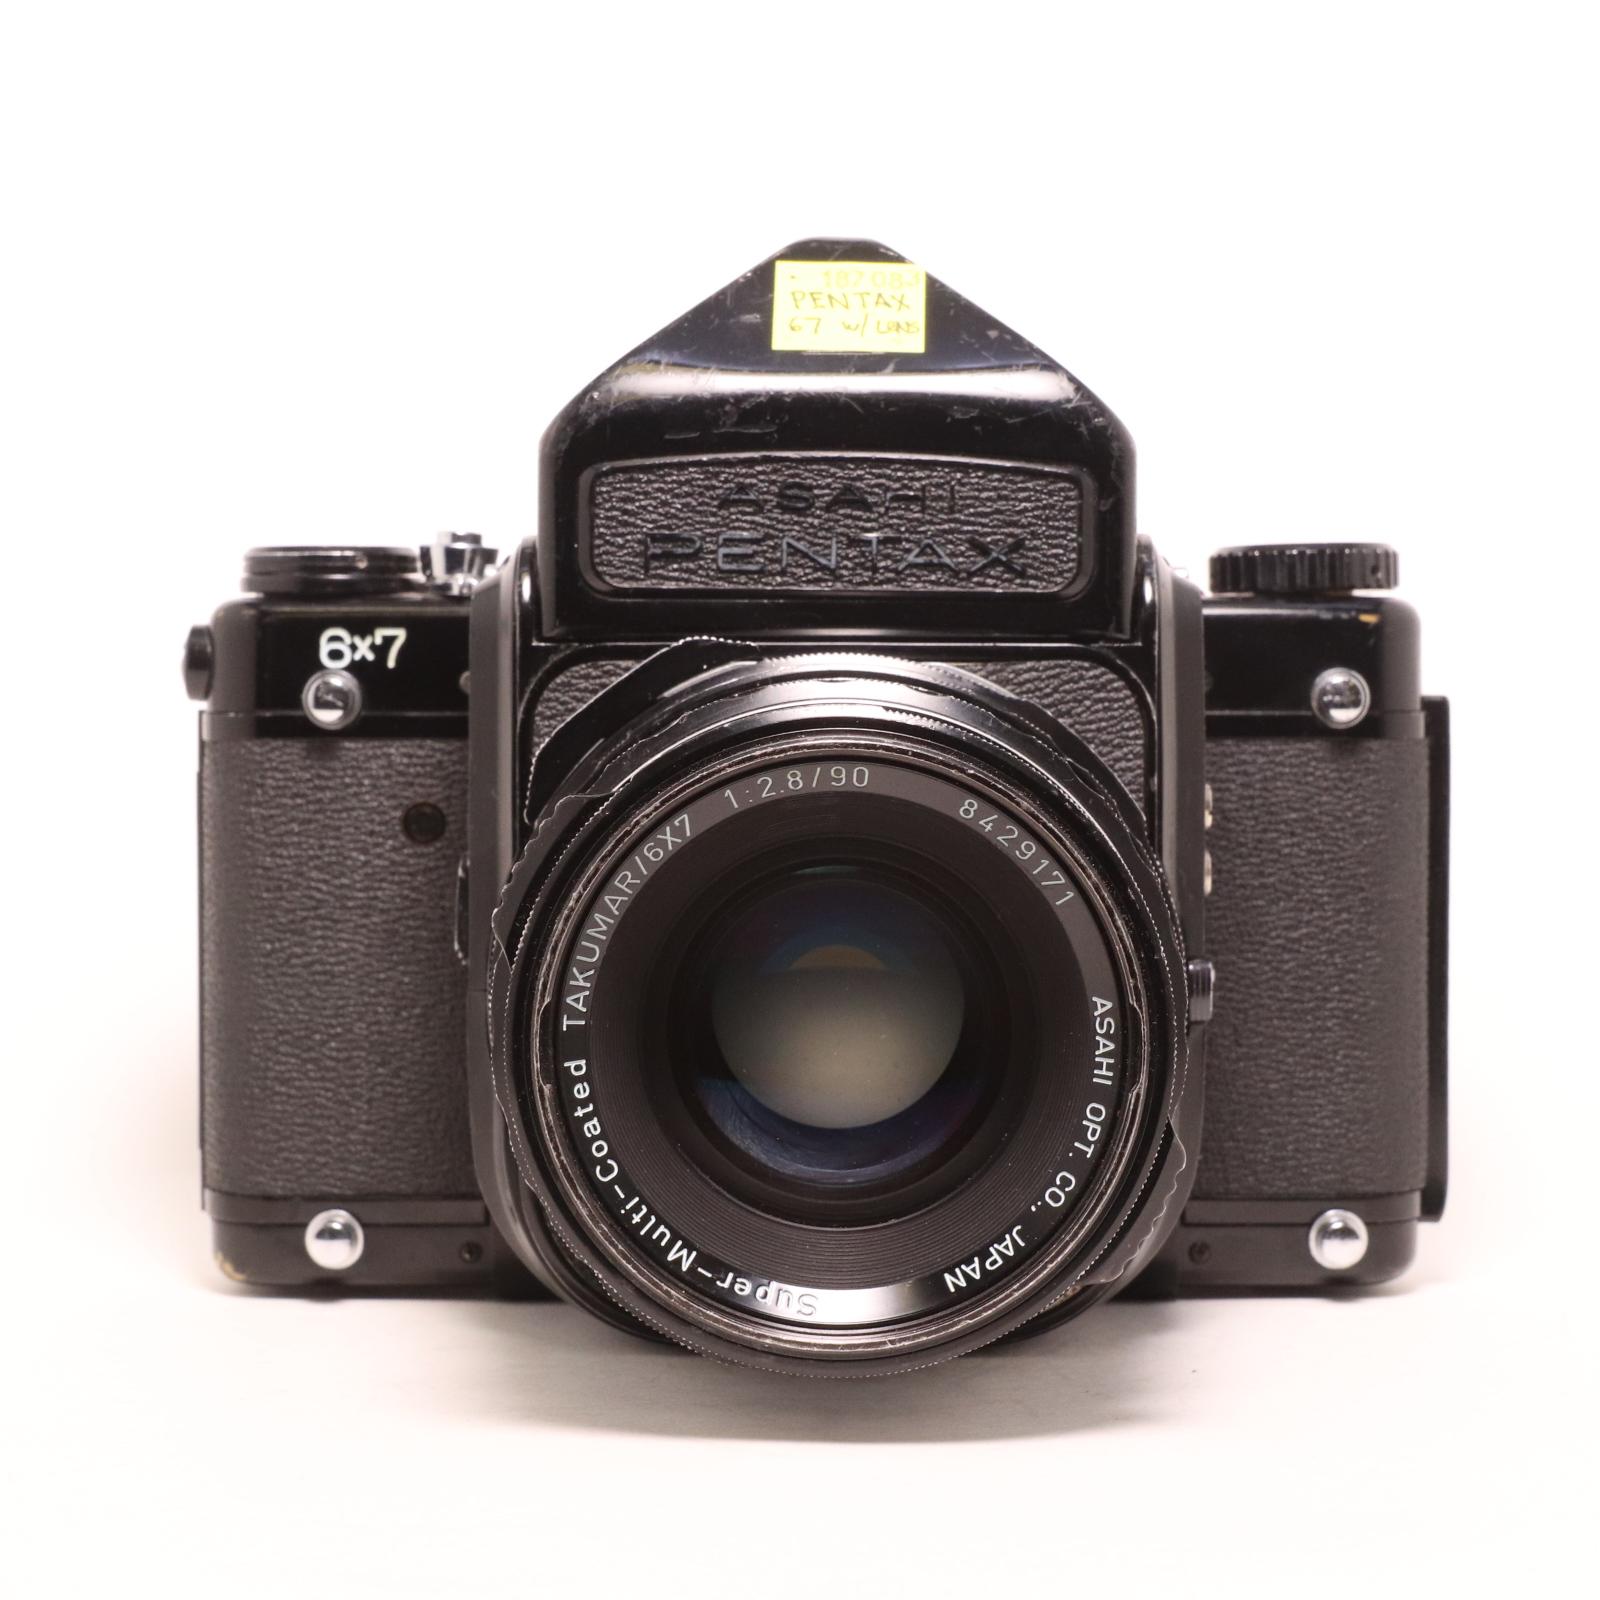 USED PENTAX 67 Medium Format Camera w/ 90mm f/2.8 Lens